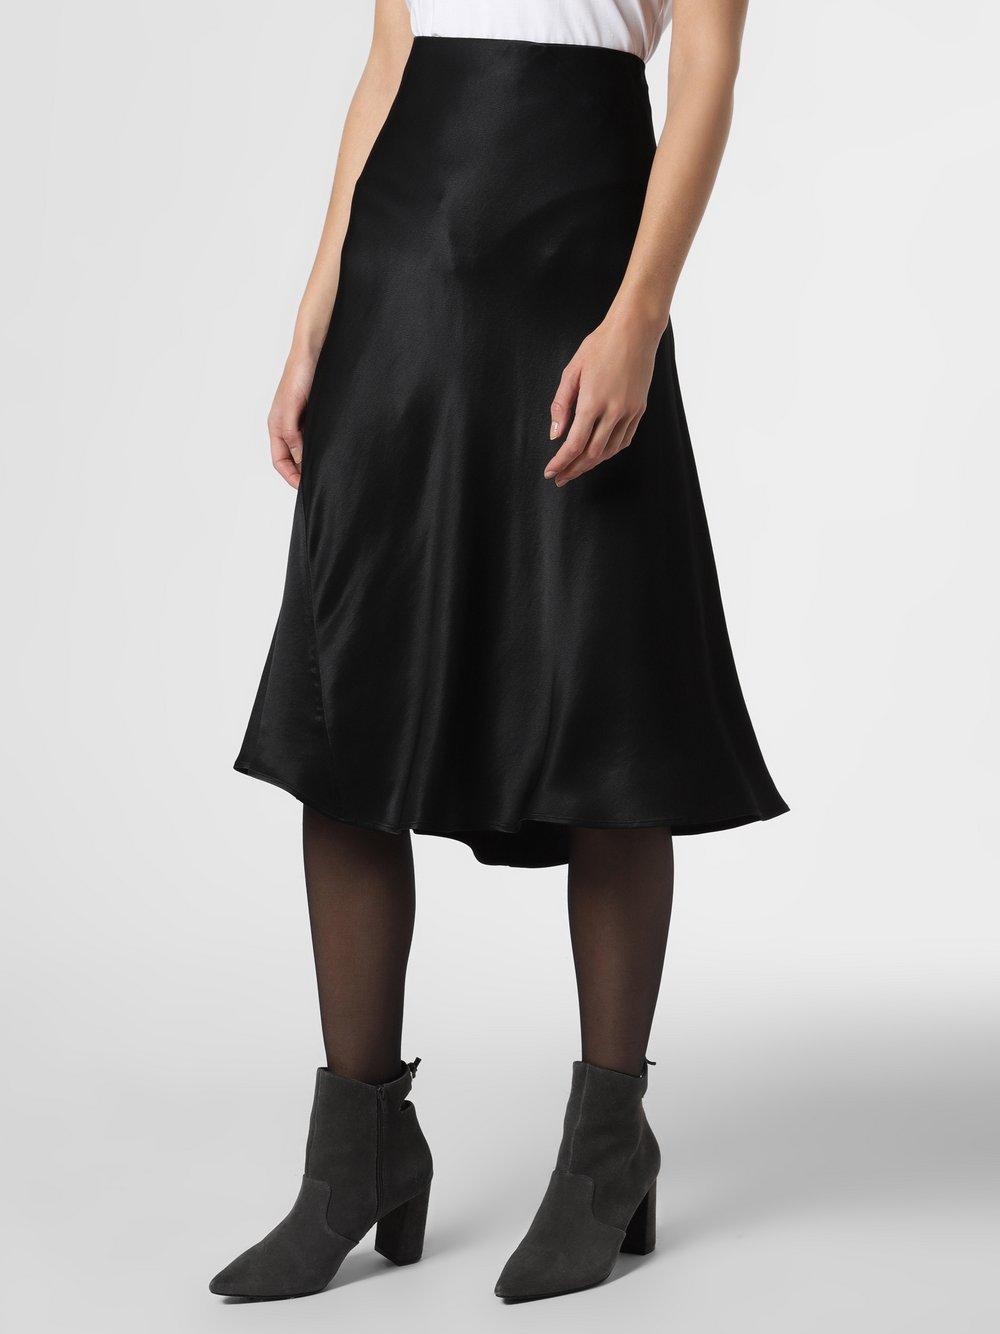 Someday - Spódnica damska – Onala, czarny